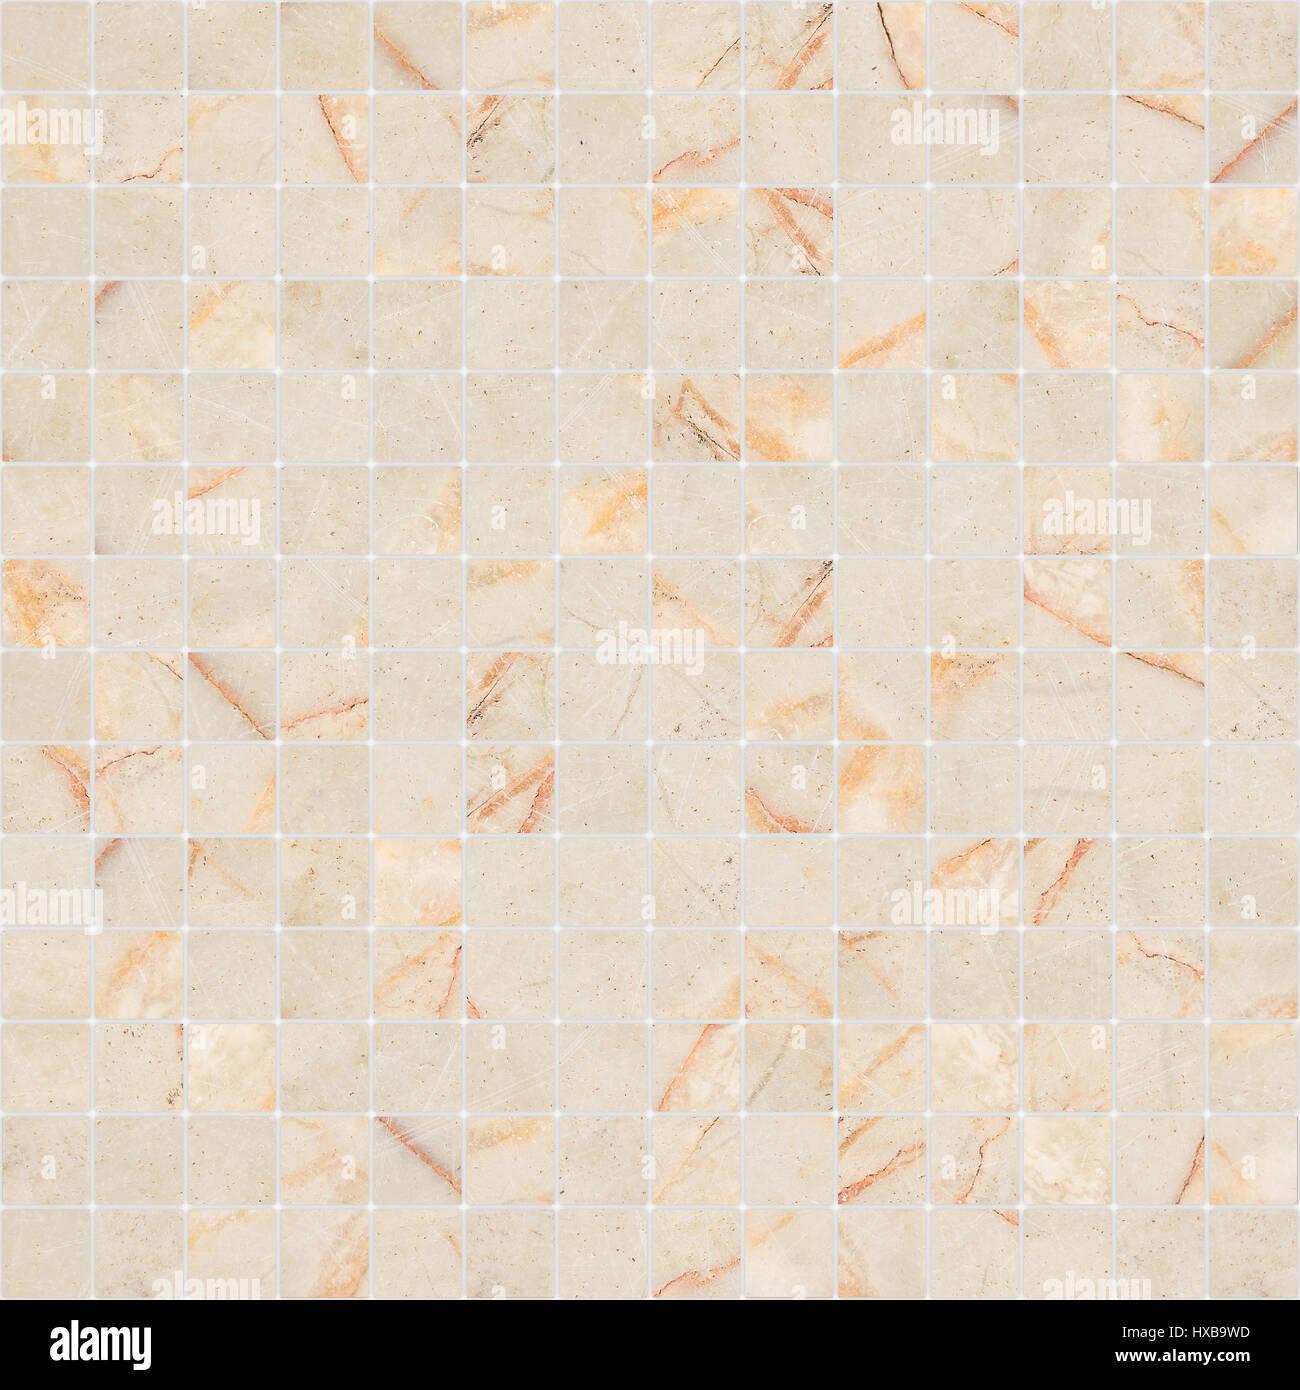 White Marble Tile Texture In Yellow White Mosaic Marble Tile Texture Seamless Stock Photo